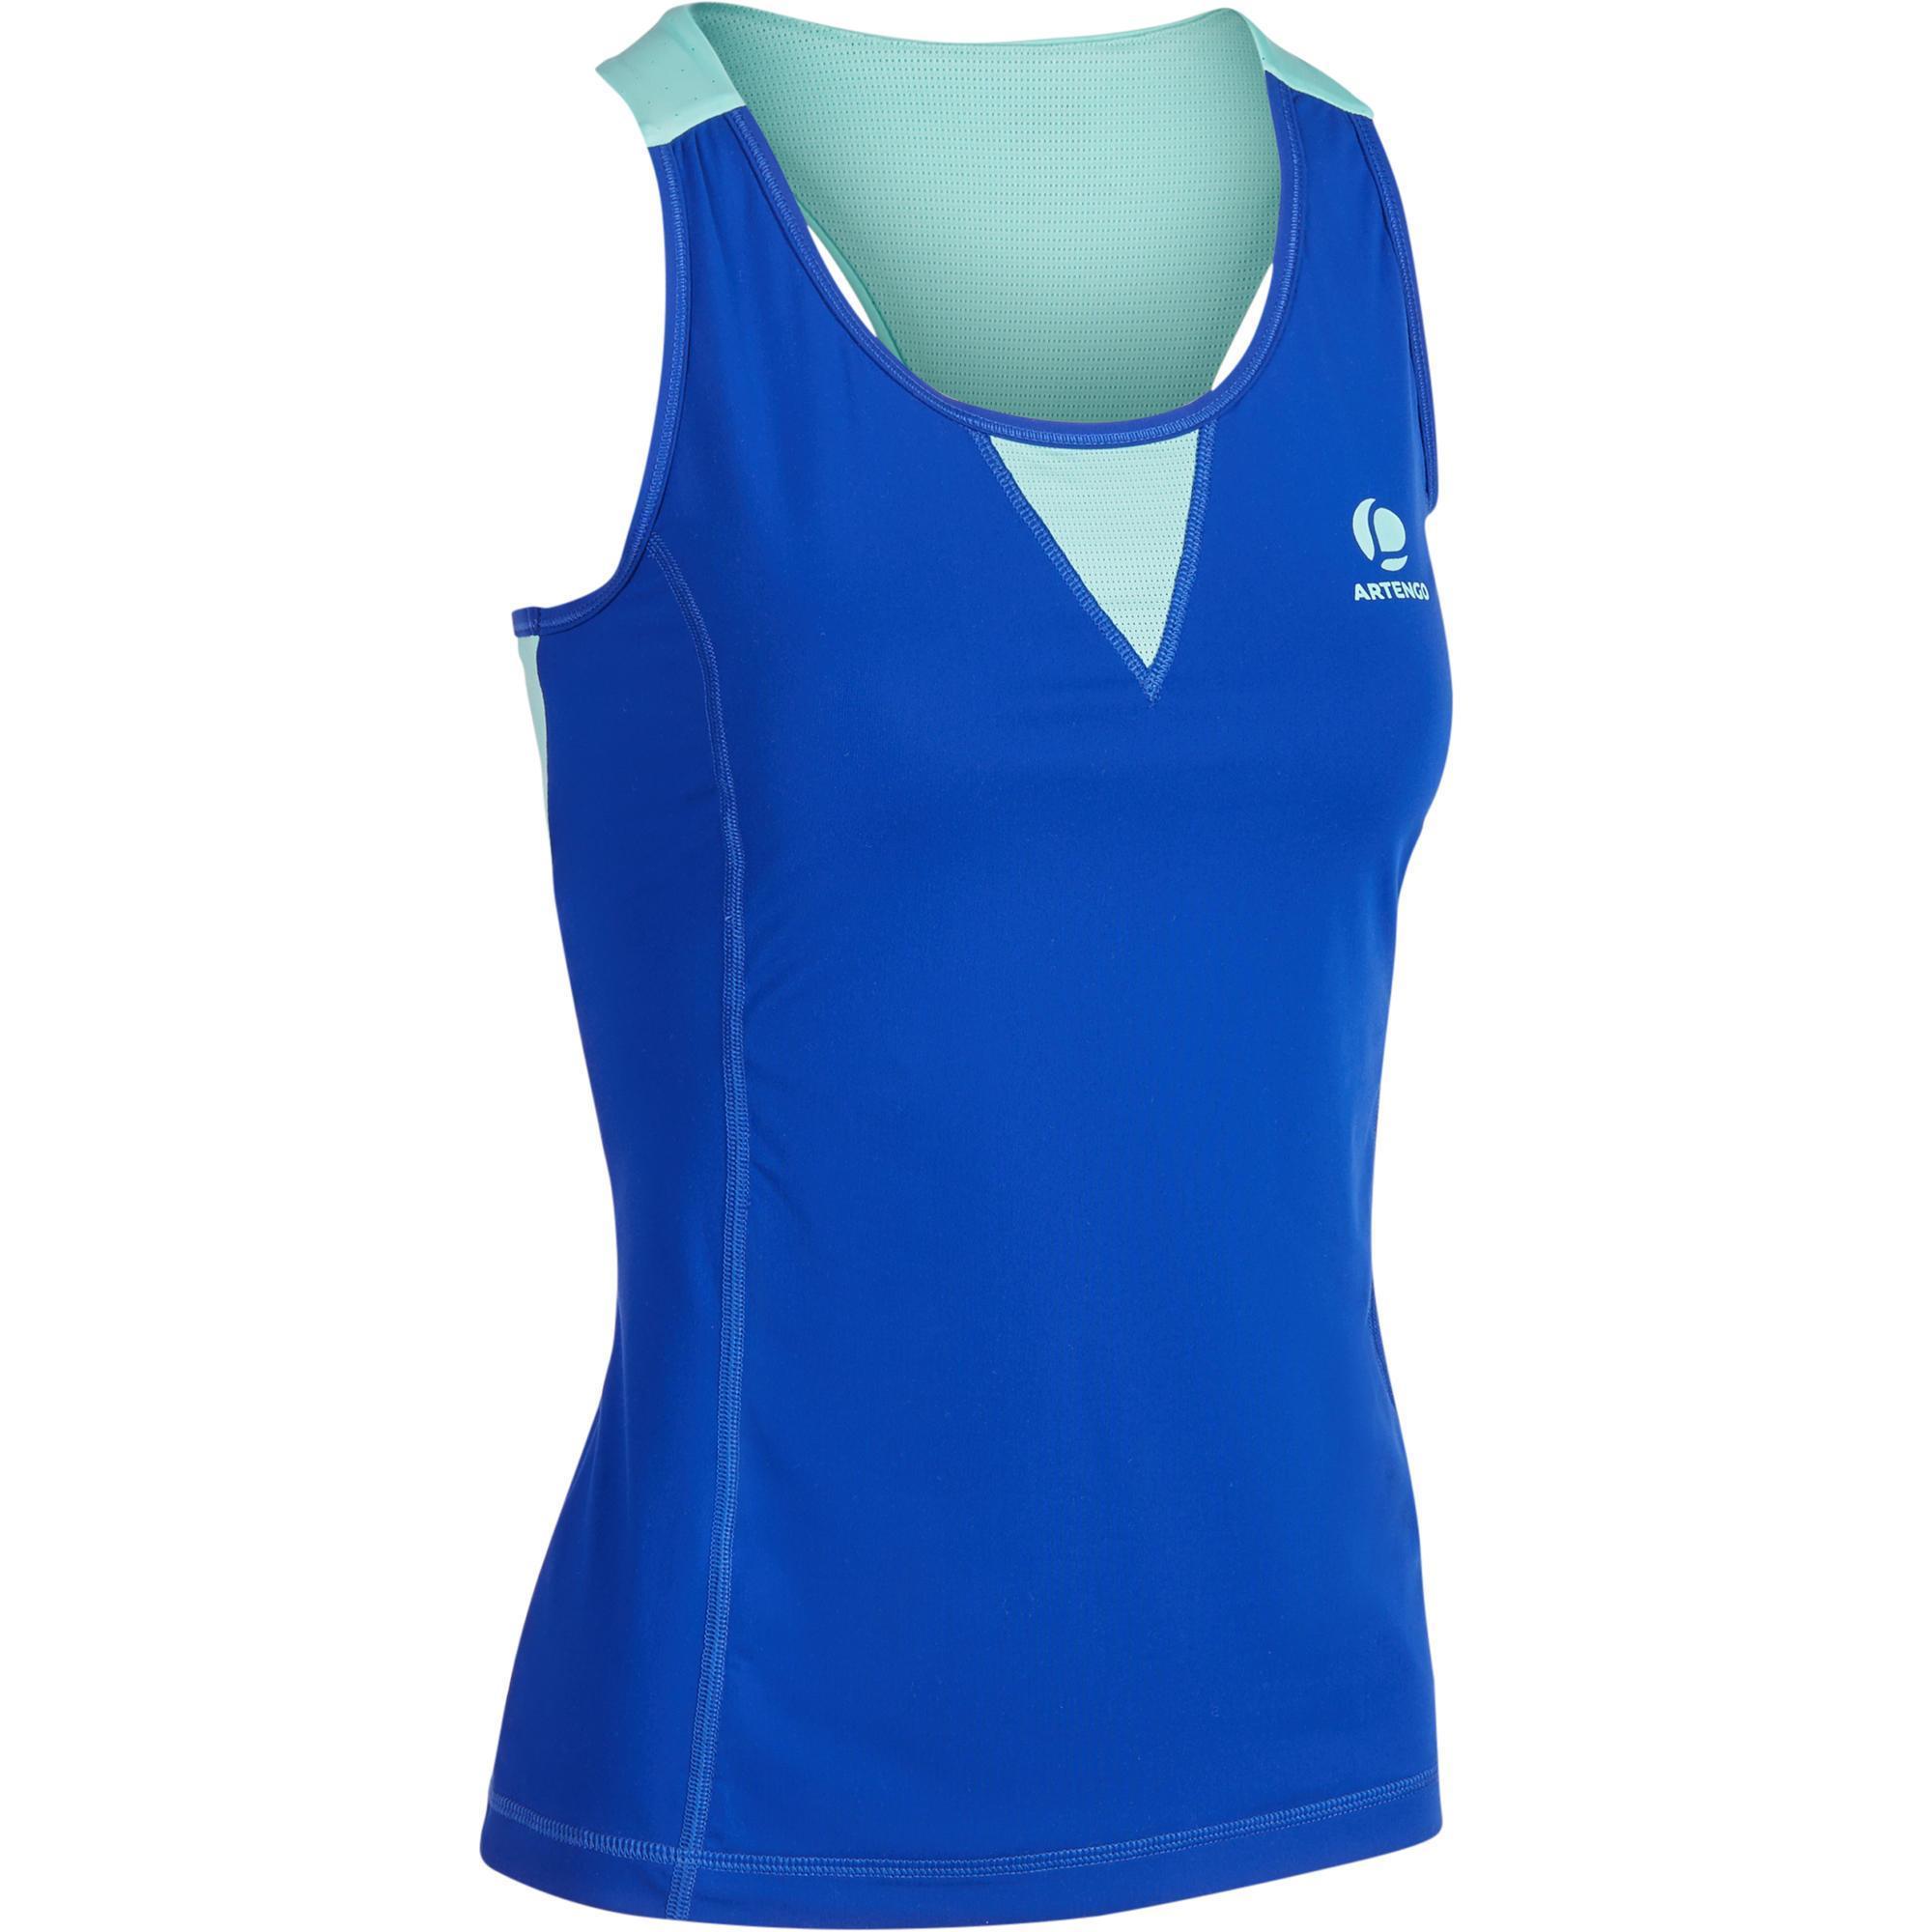 Tennis-Top Light 990 Damen blau   Sportbekleidung > Sporttops > Tennistops   Blau - Grün - Türkis - Schwarz   Artengo